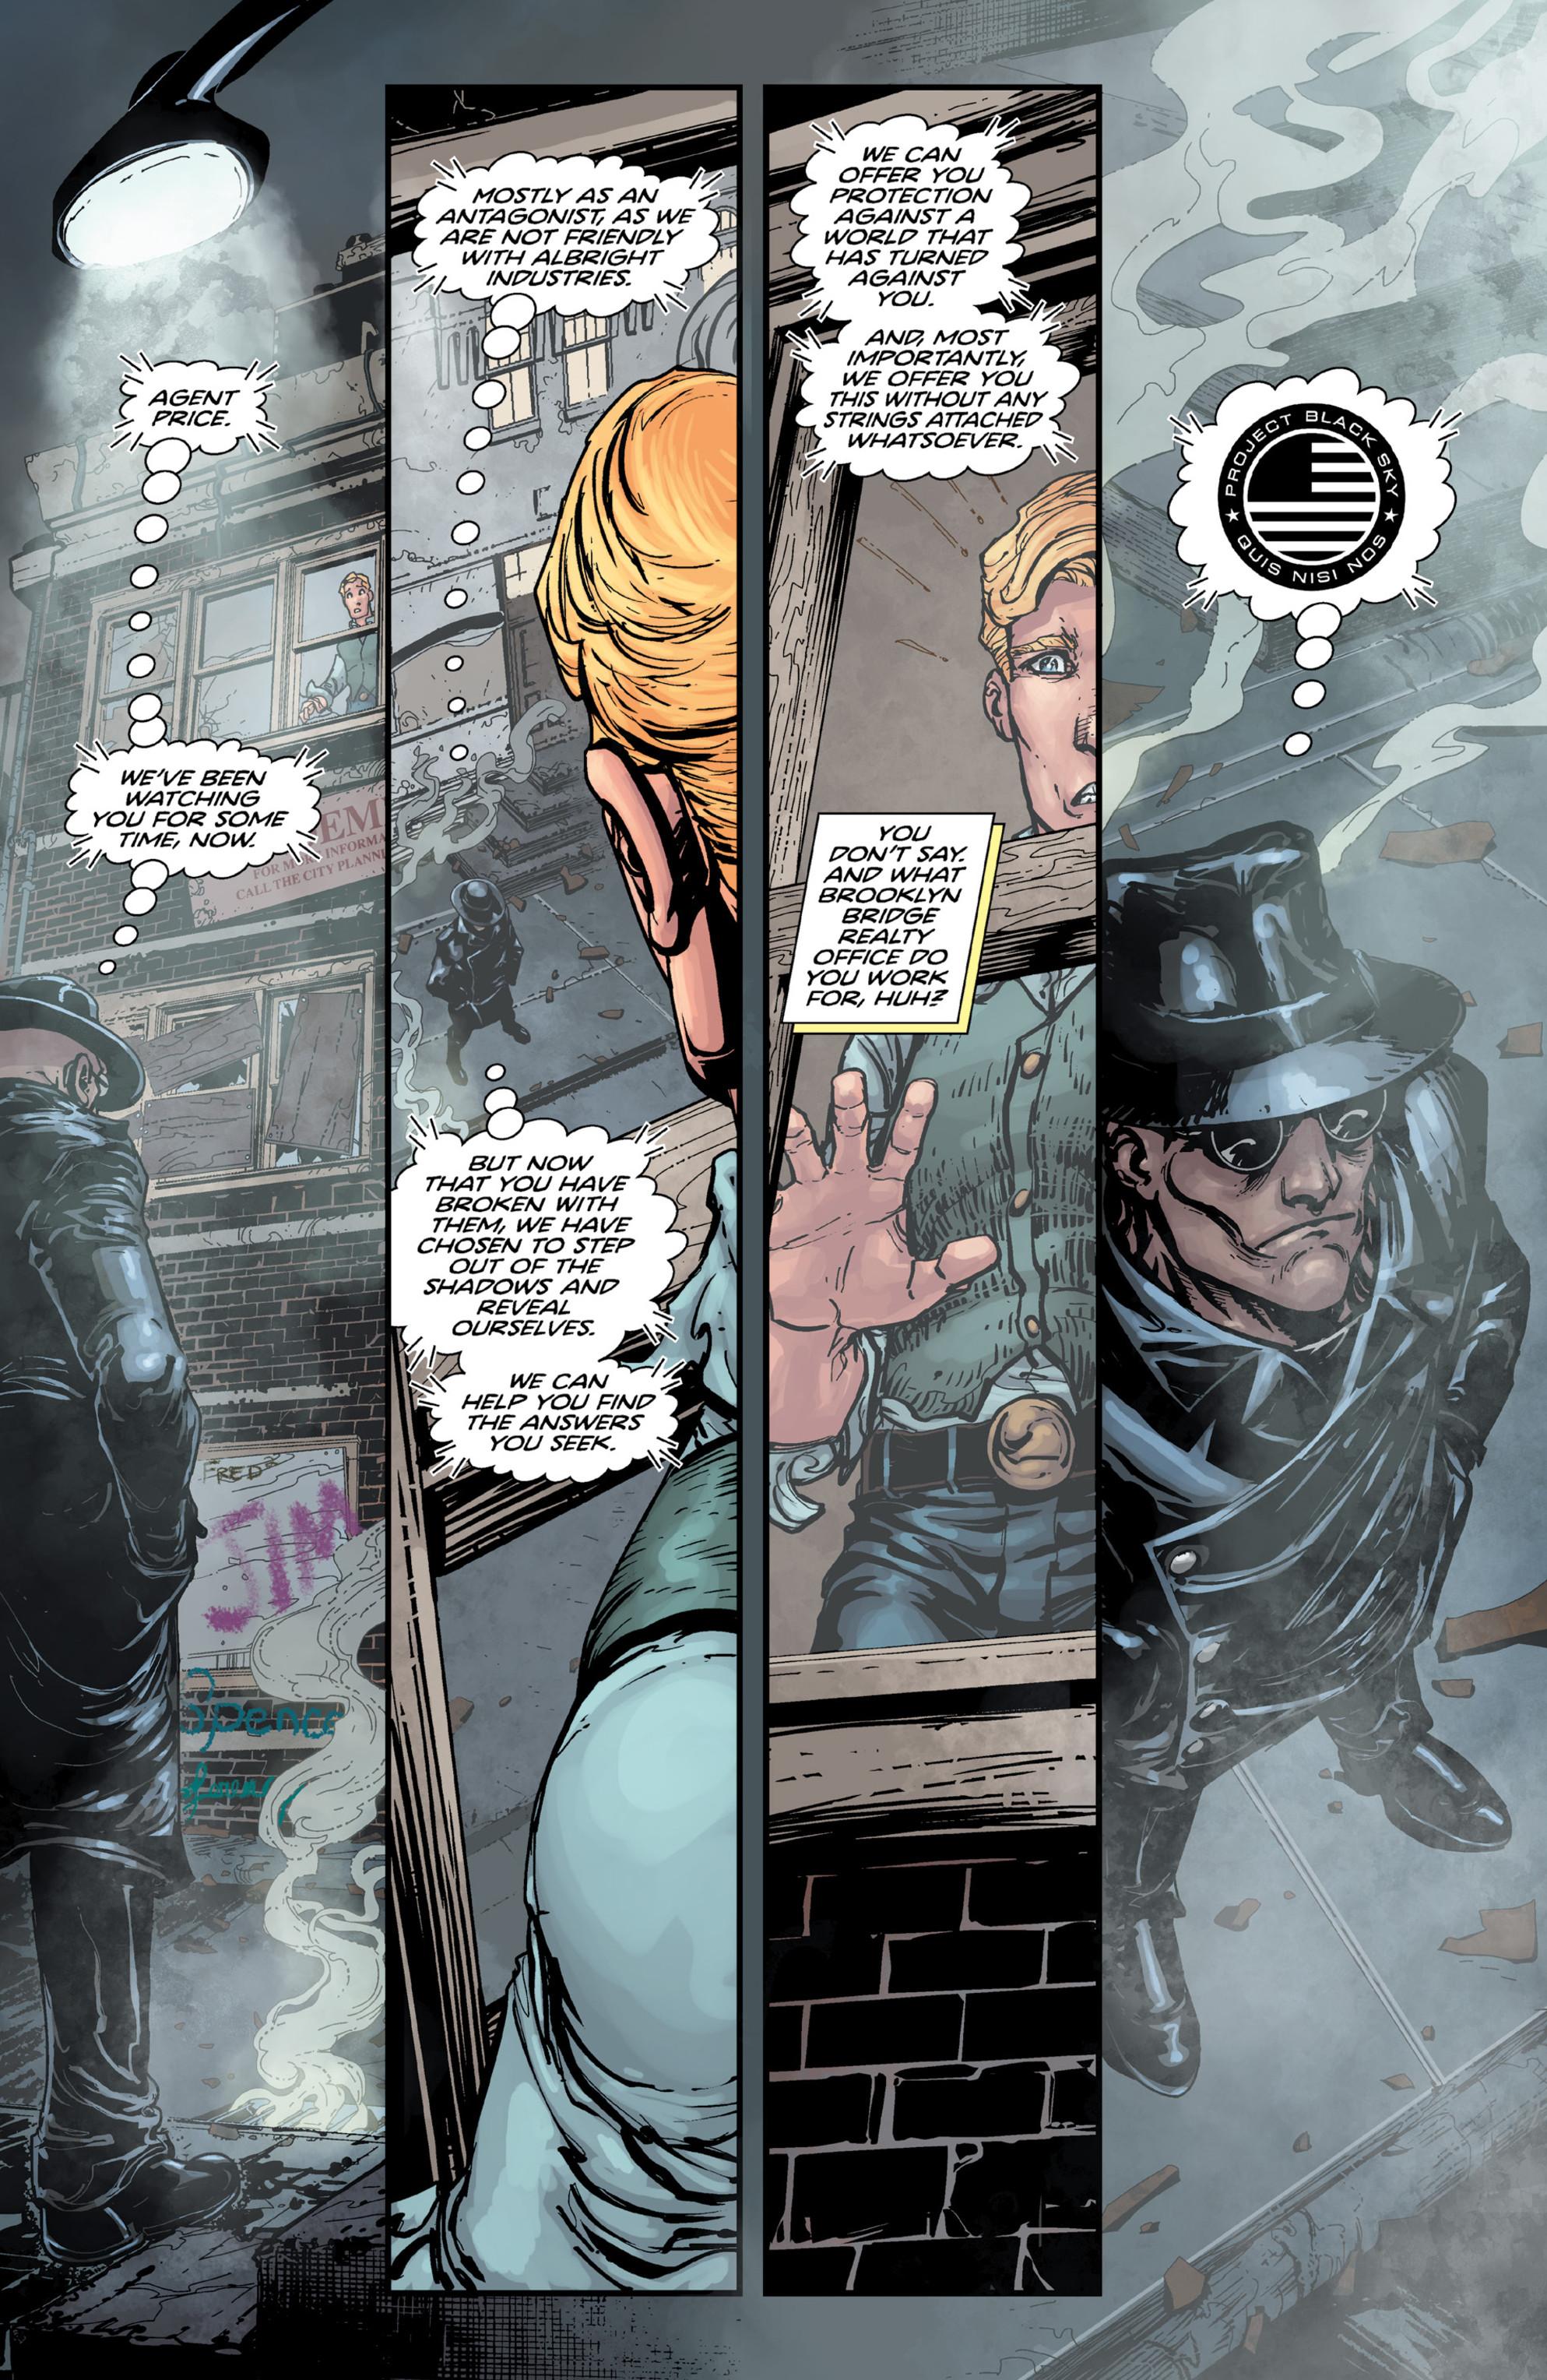 Read online Brain Boy:  The Men from G.E.S.T.A.L.T. comic -  Issue # TPB - 99